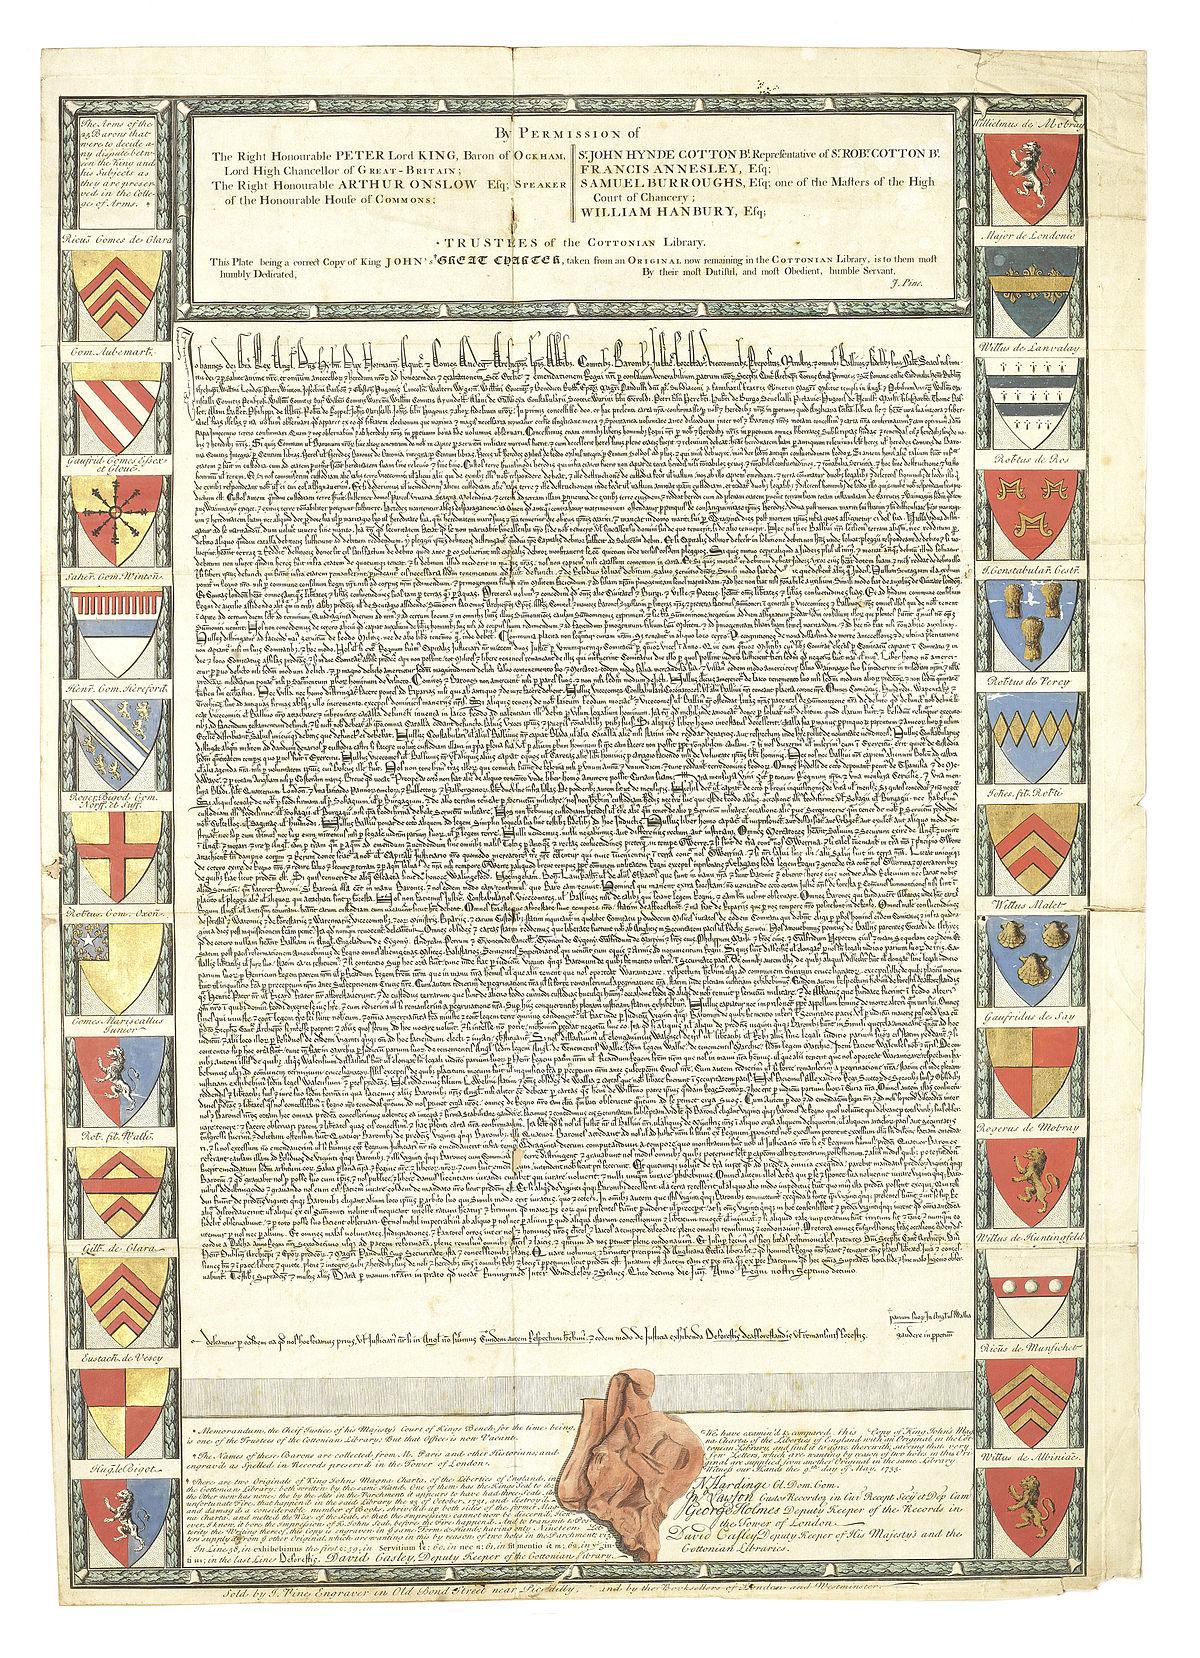 Magna Carta - John Pine engraving 1733.jpg